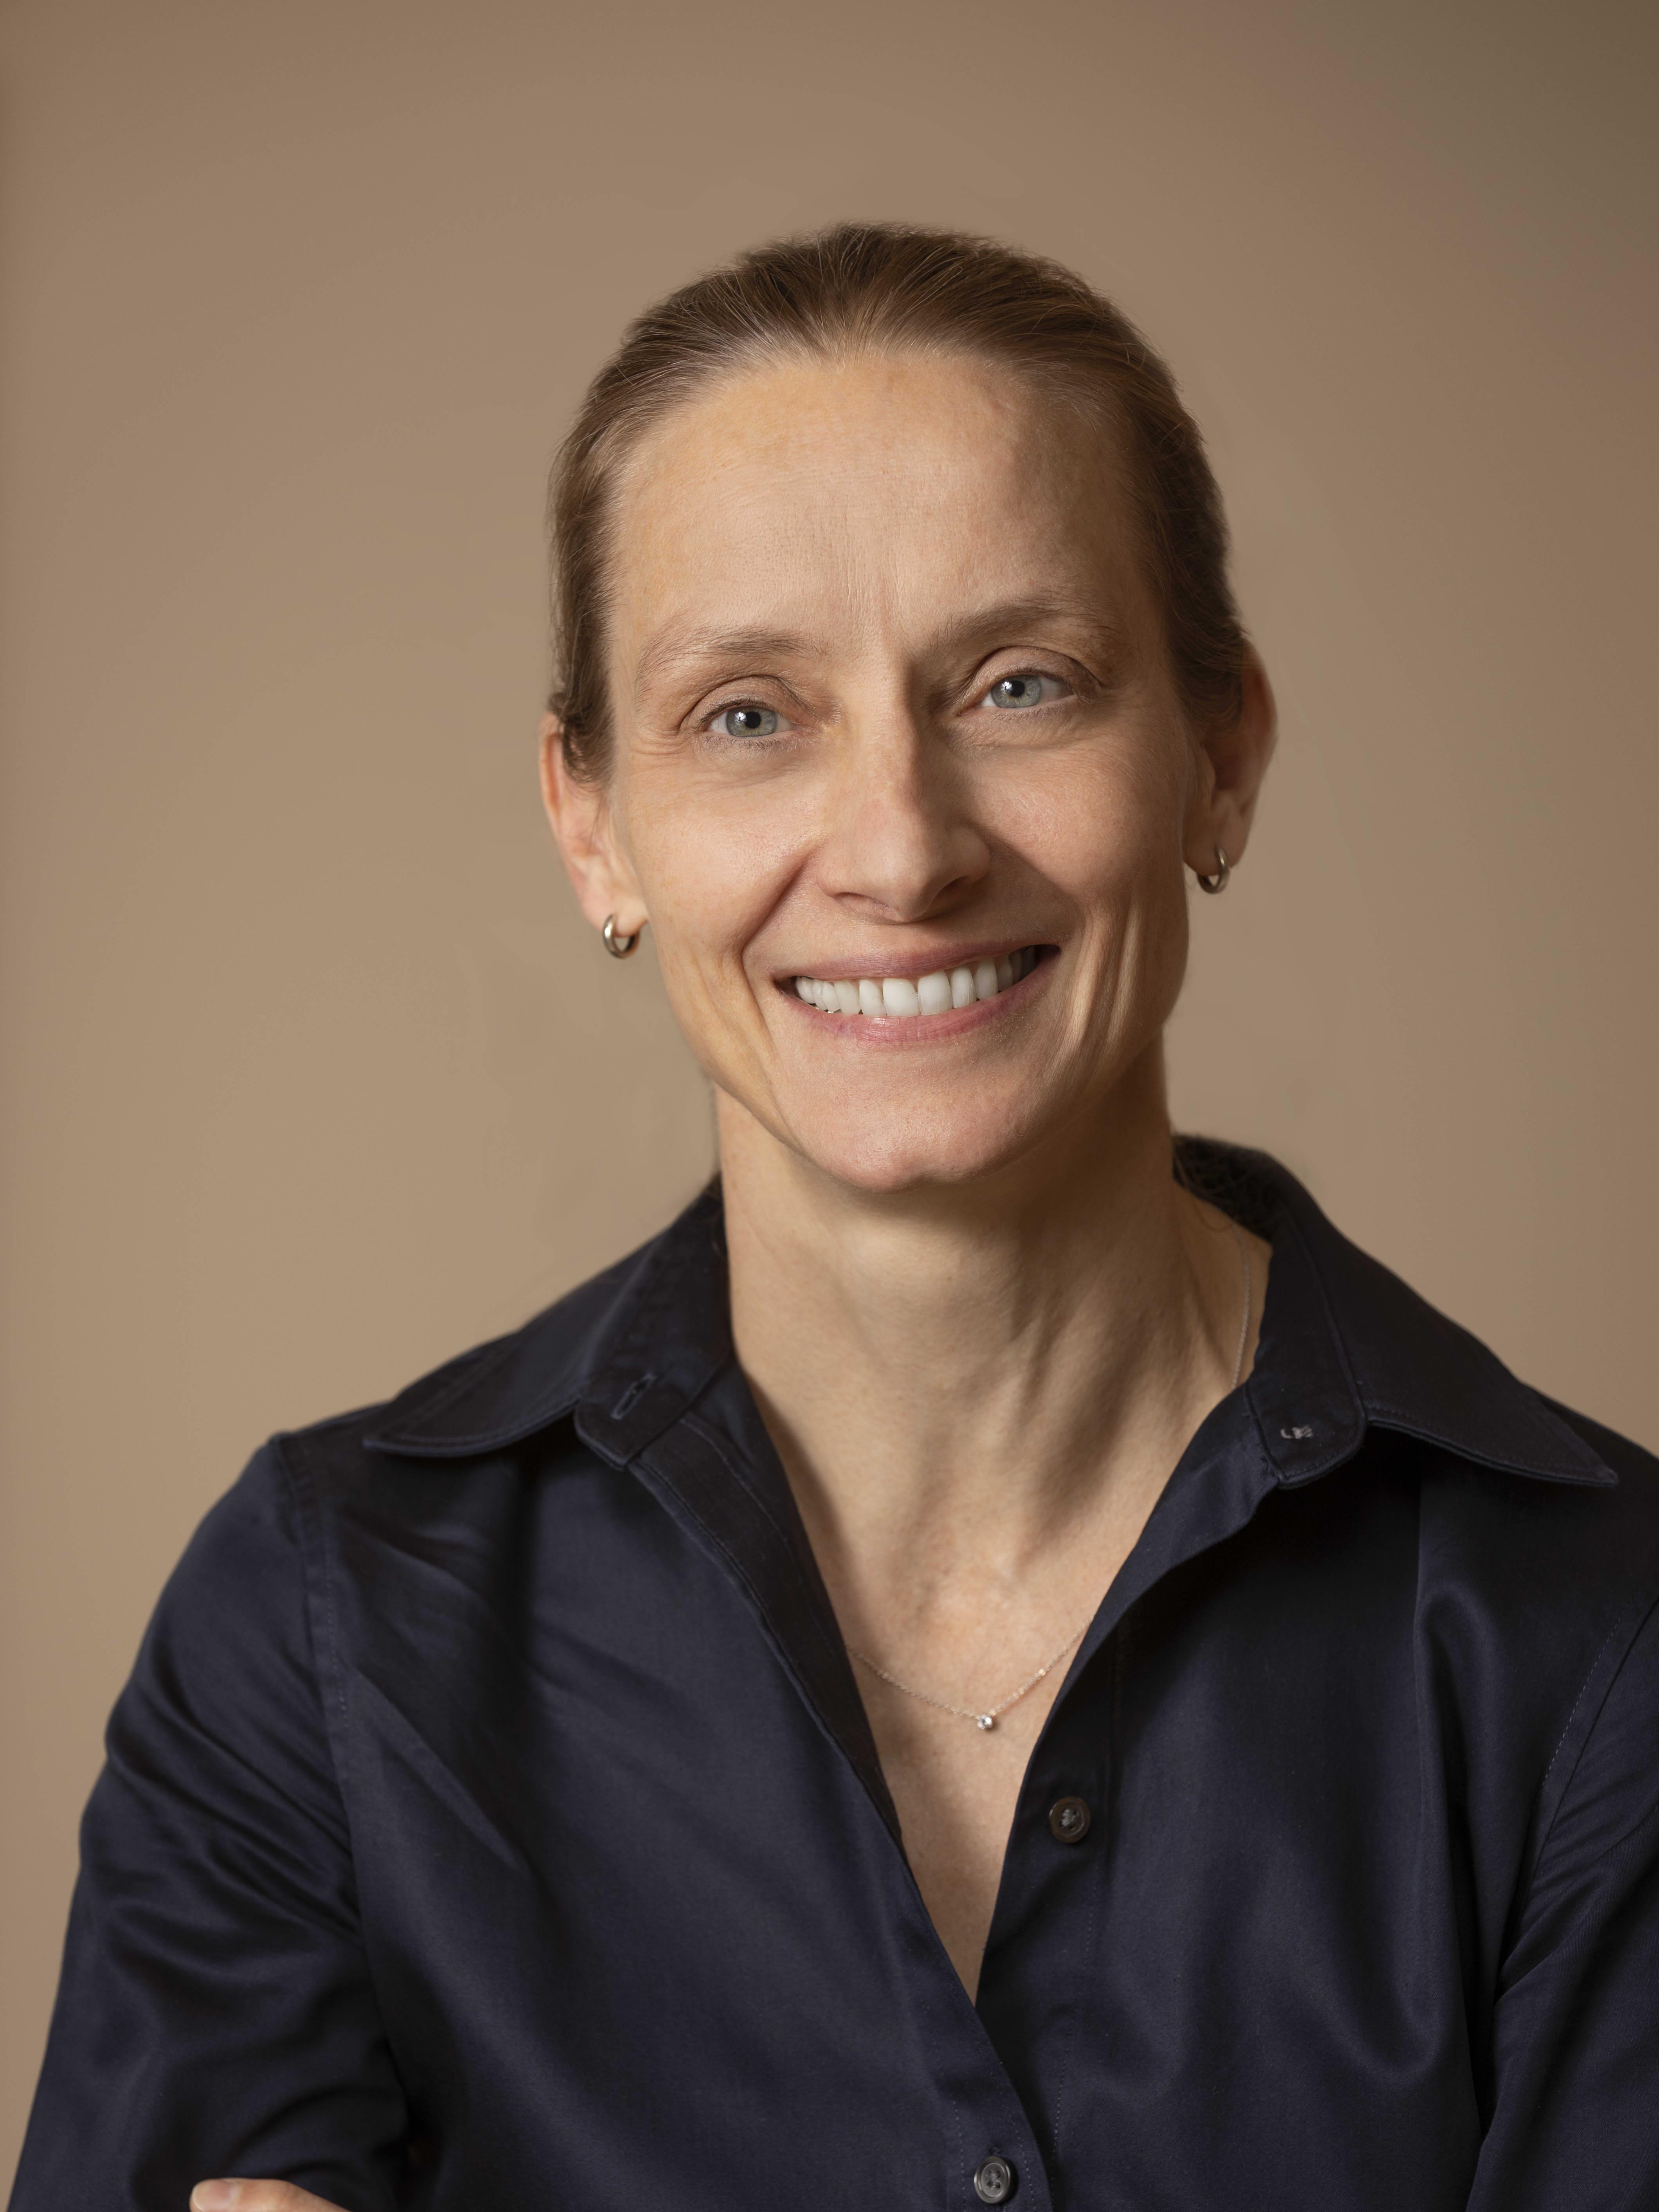 Stephanie Halene